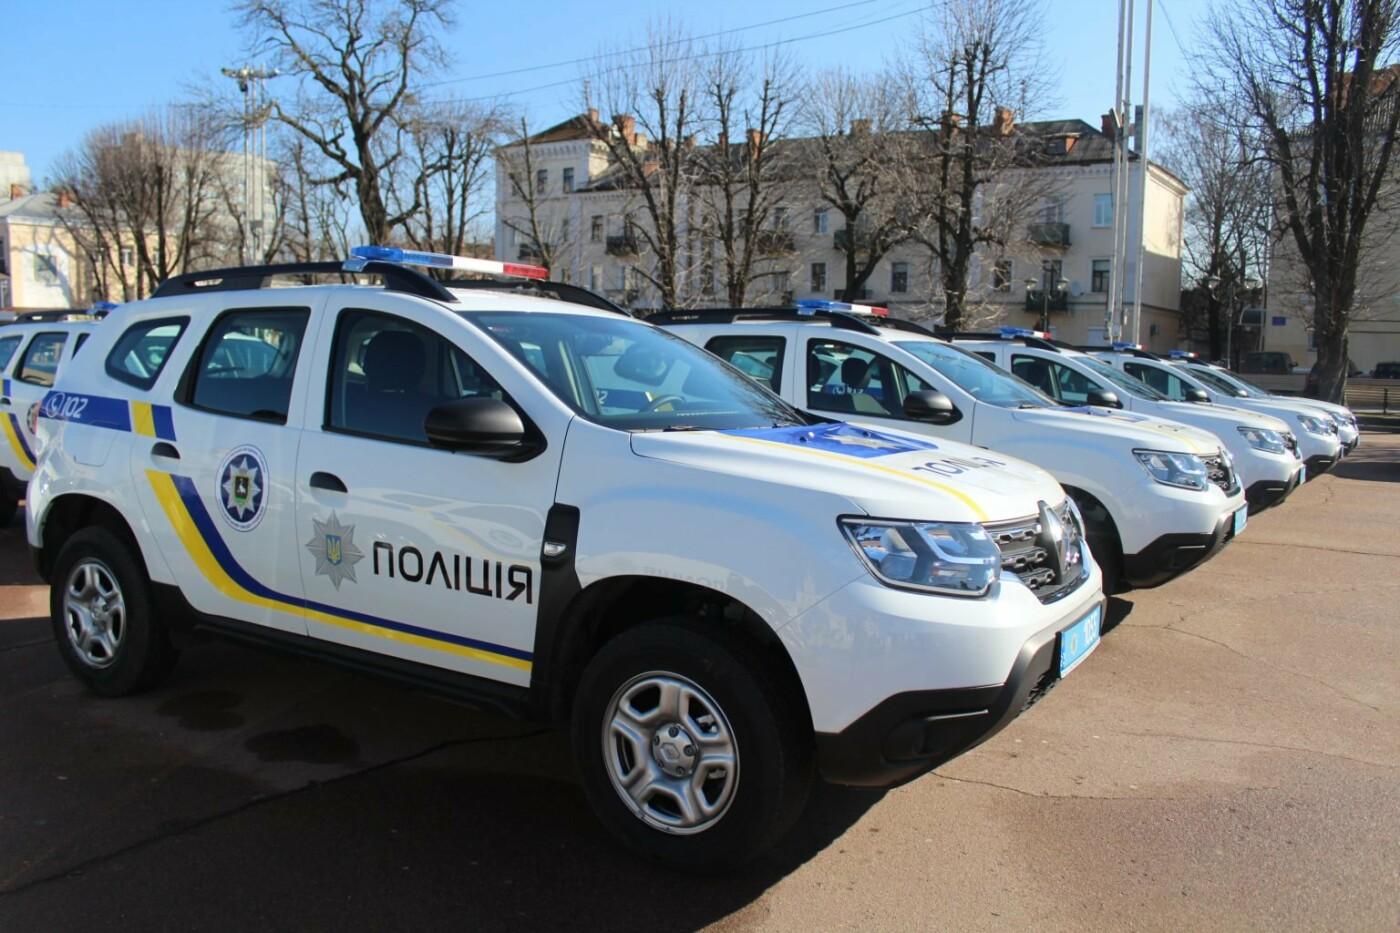 Поліцейські офіцери громади Кам'янеччини отримали службові автомобілі, фото-10, Фото: Хмельницька ОДА